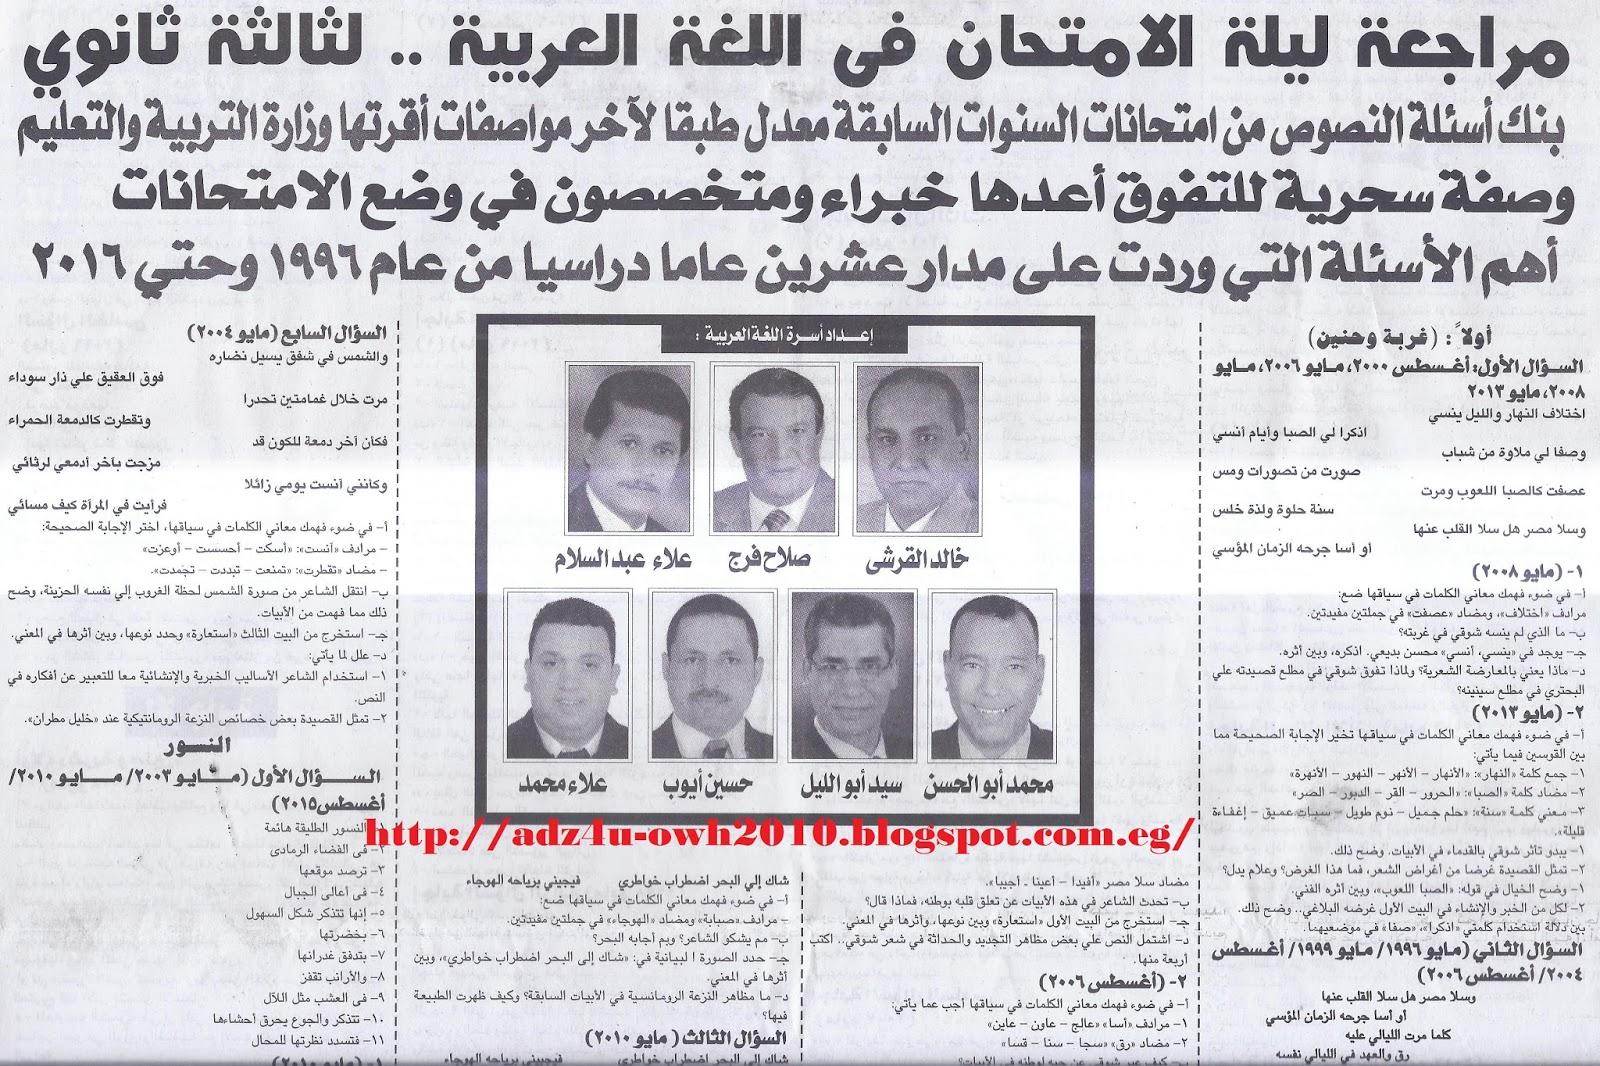 مراجعة وتوقعات ملحق الجمهورية الاخيرة في اللغة العربية للثانوية العامة 8